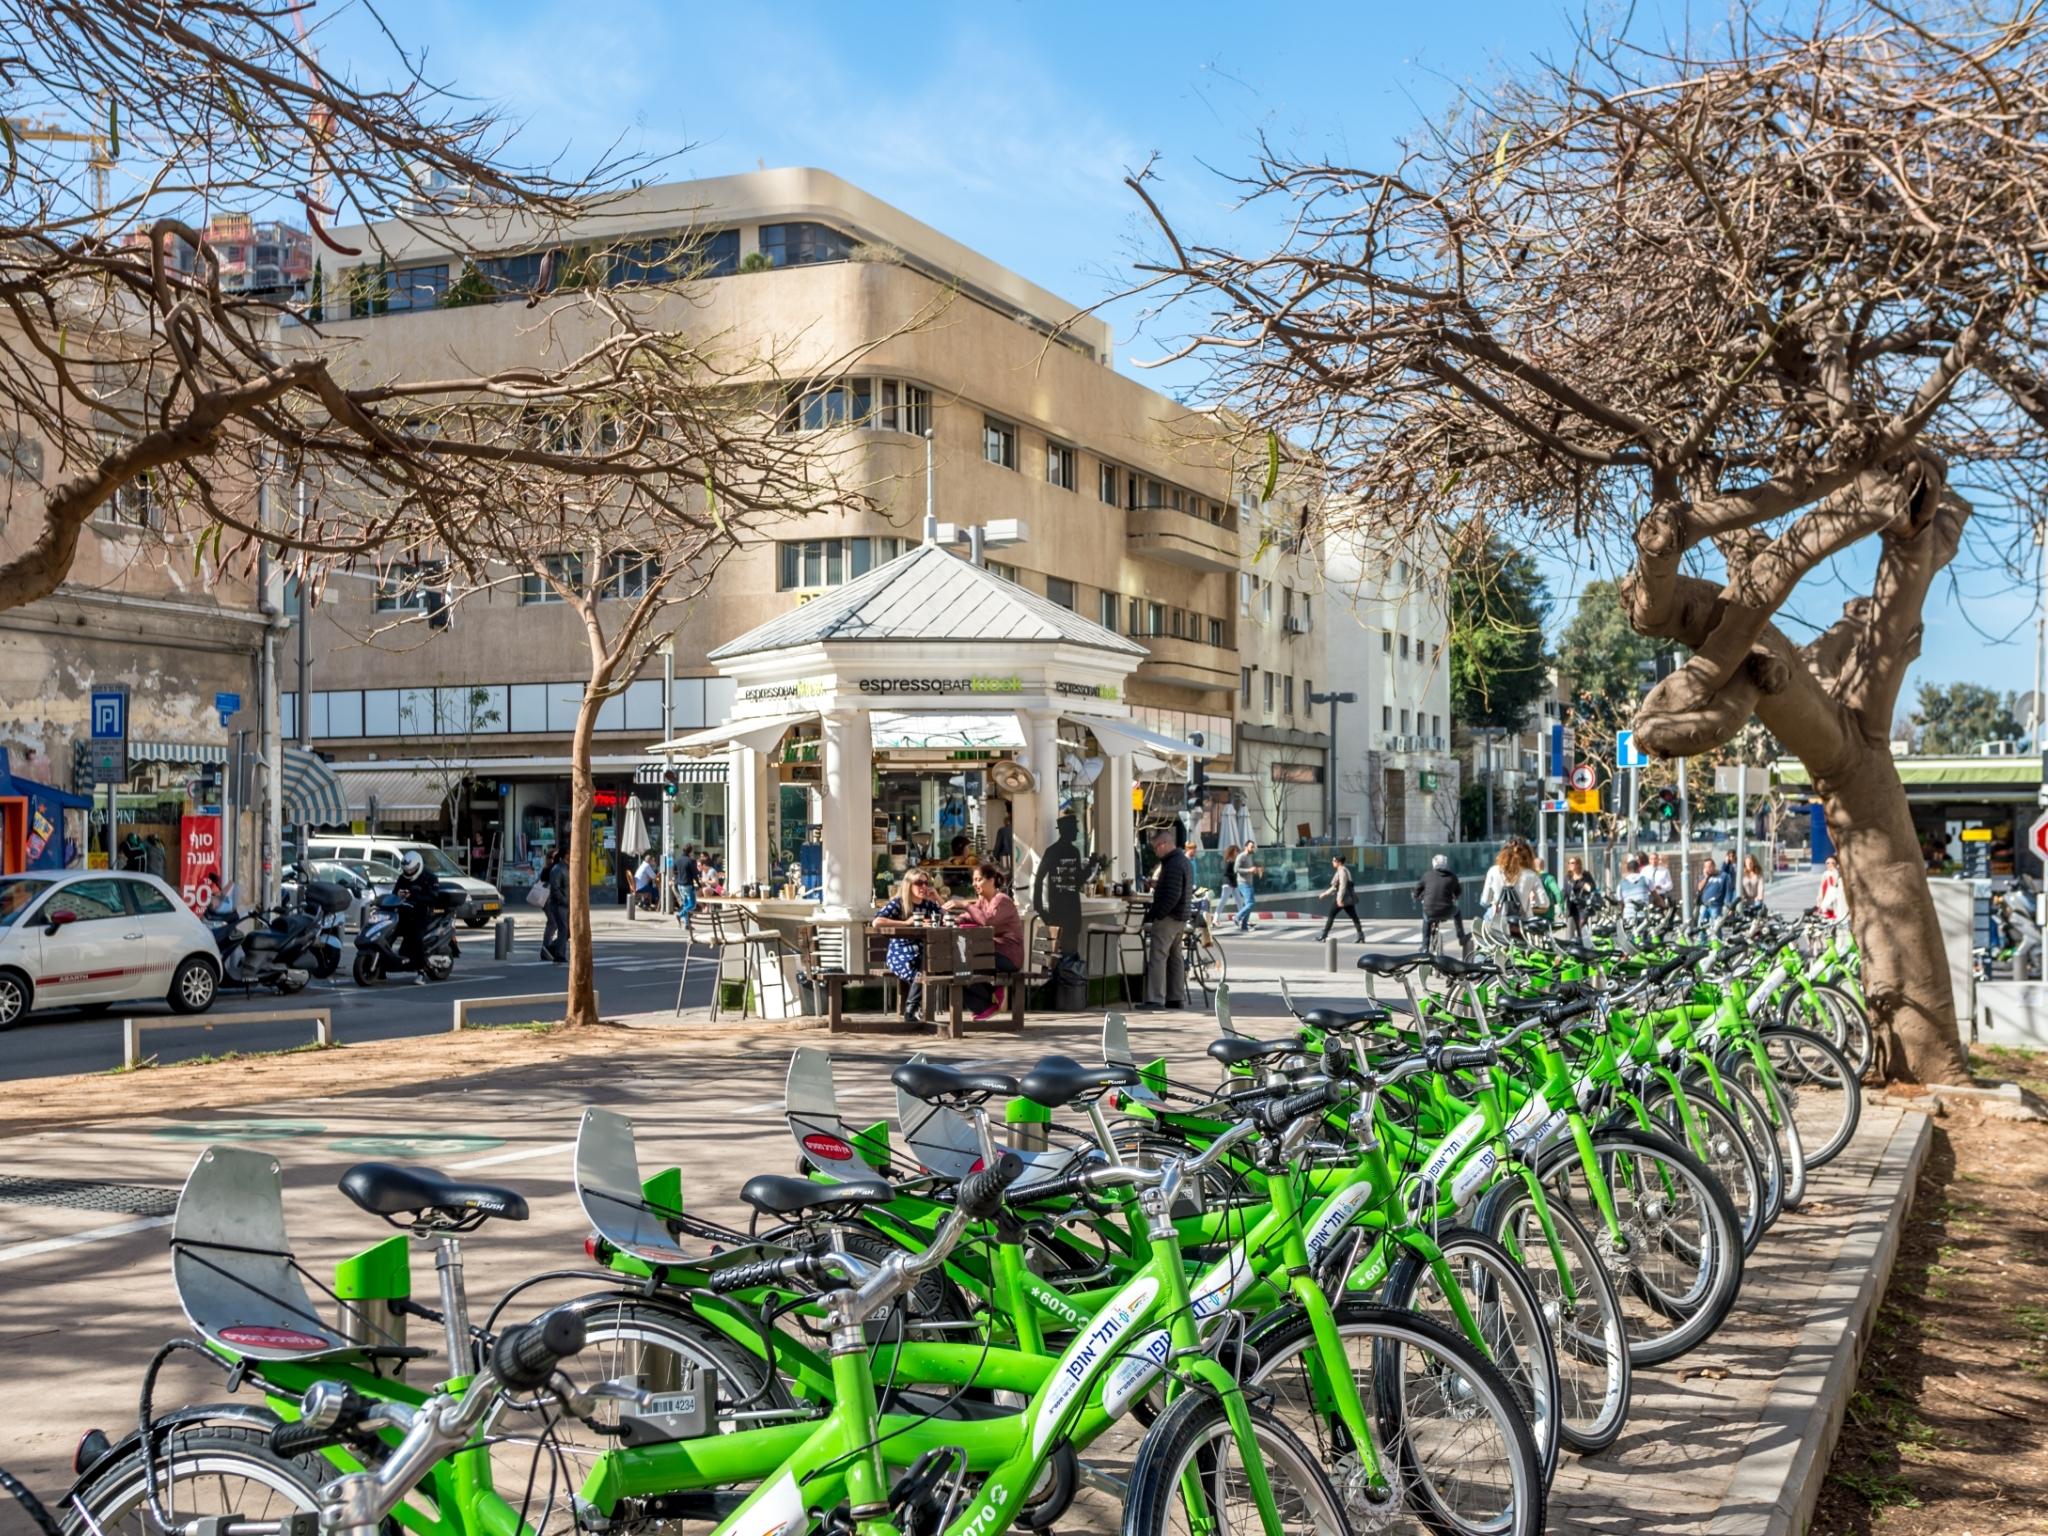 Tel-O-Fun (Vélos verts en location)